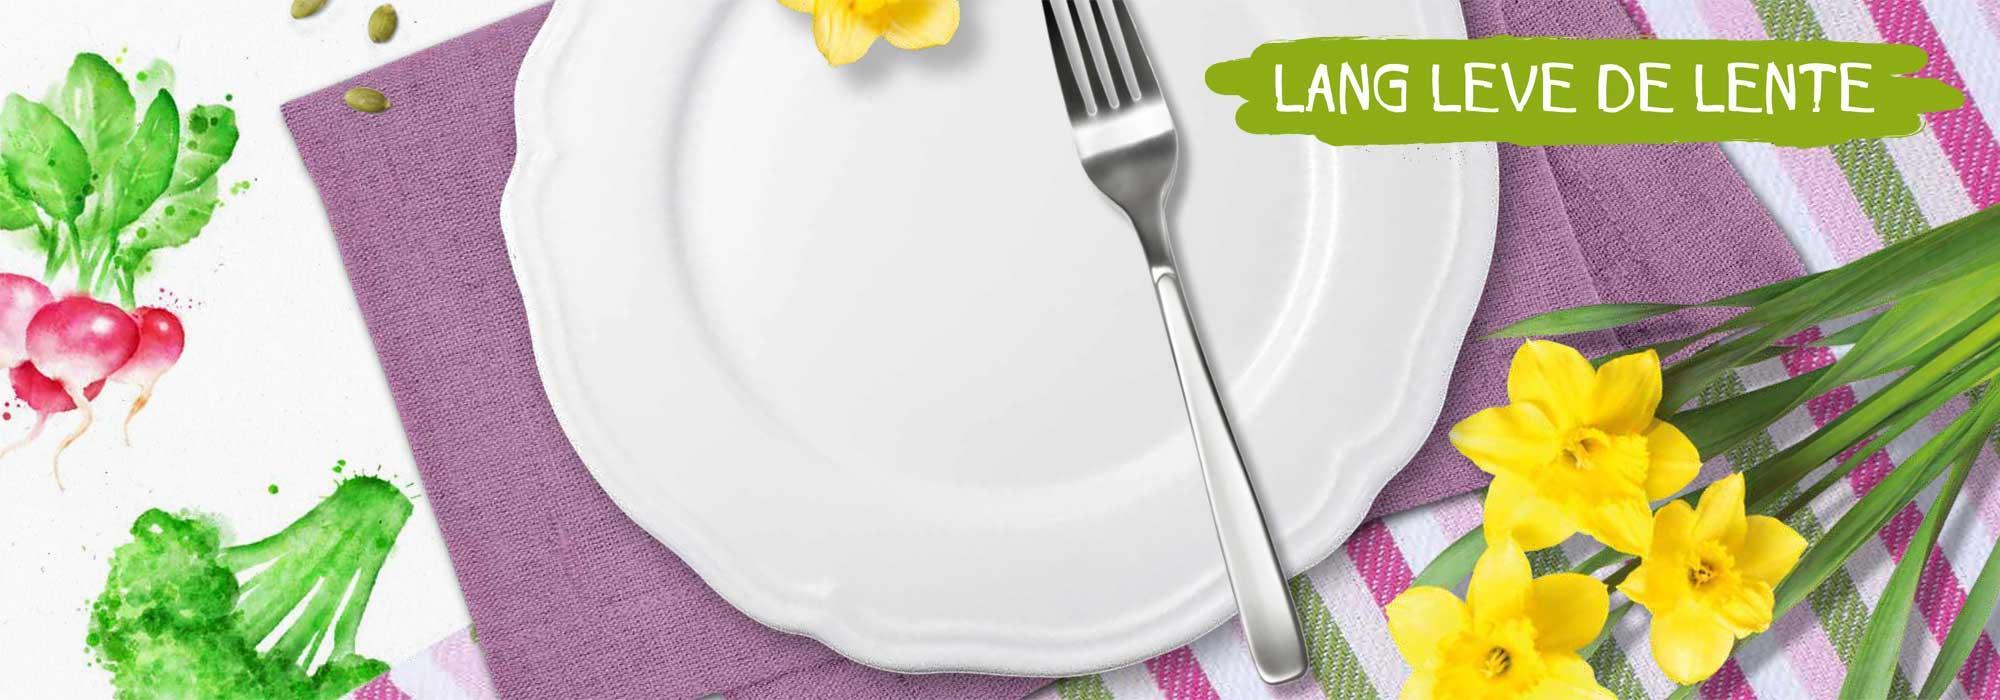 Heerlijke lentemaaltijden